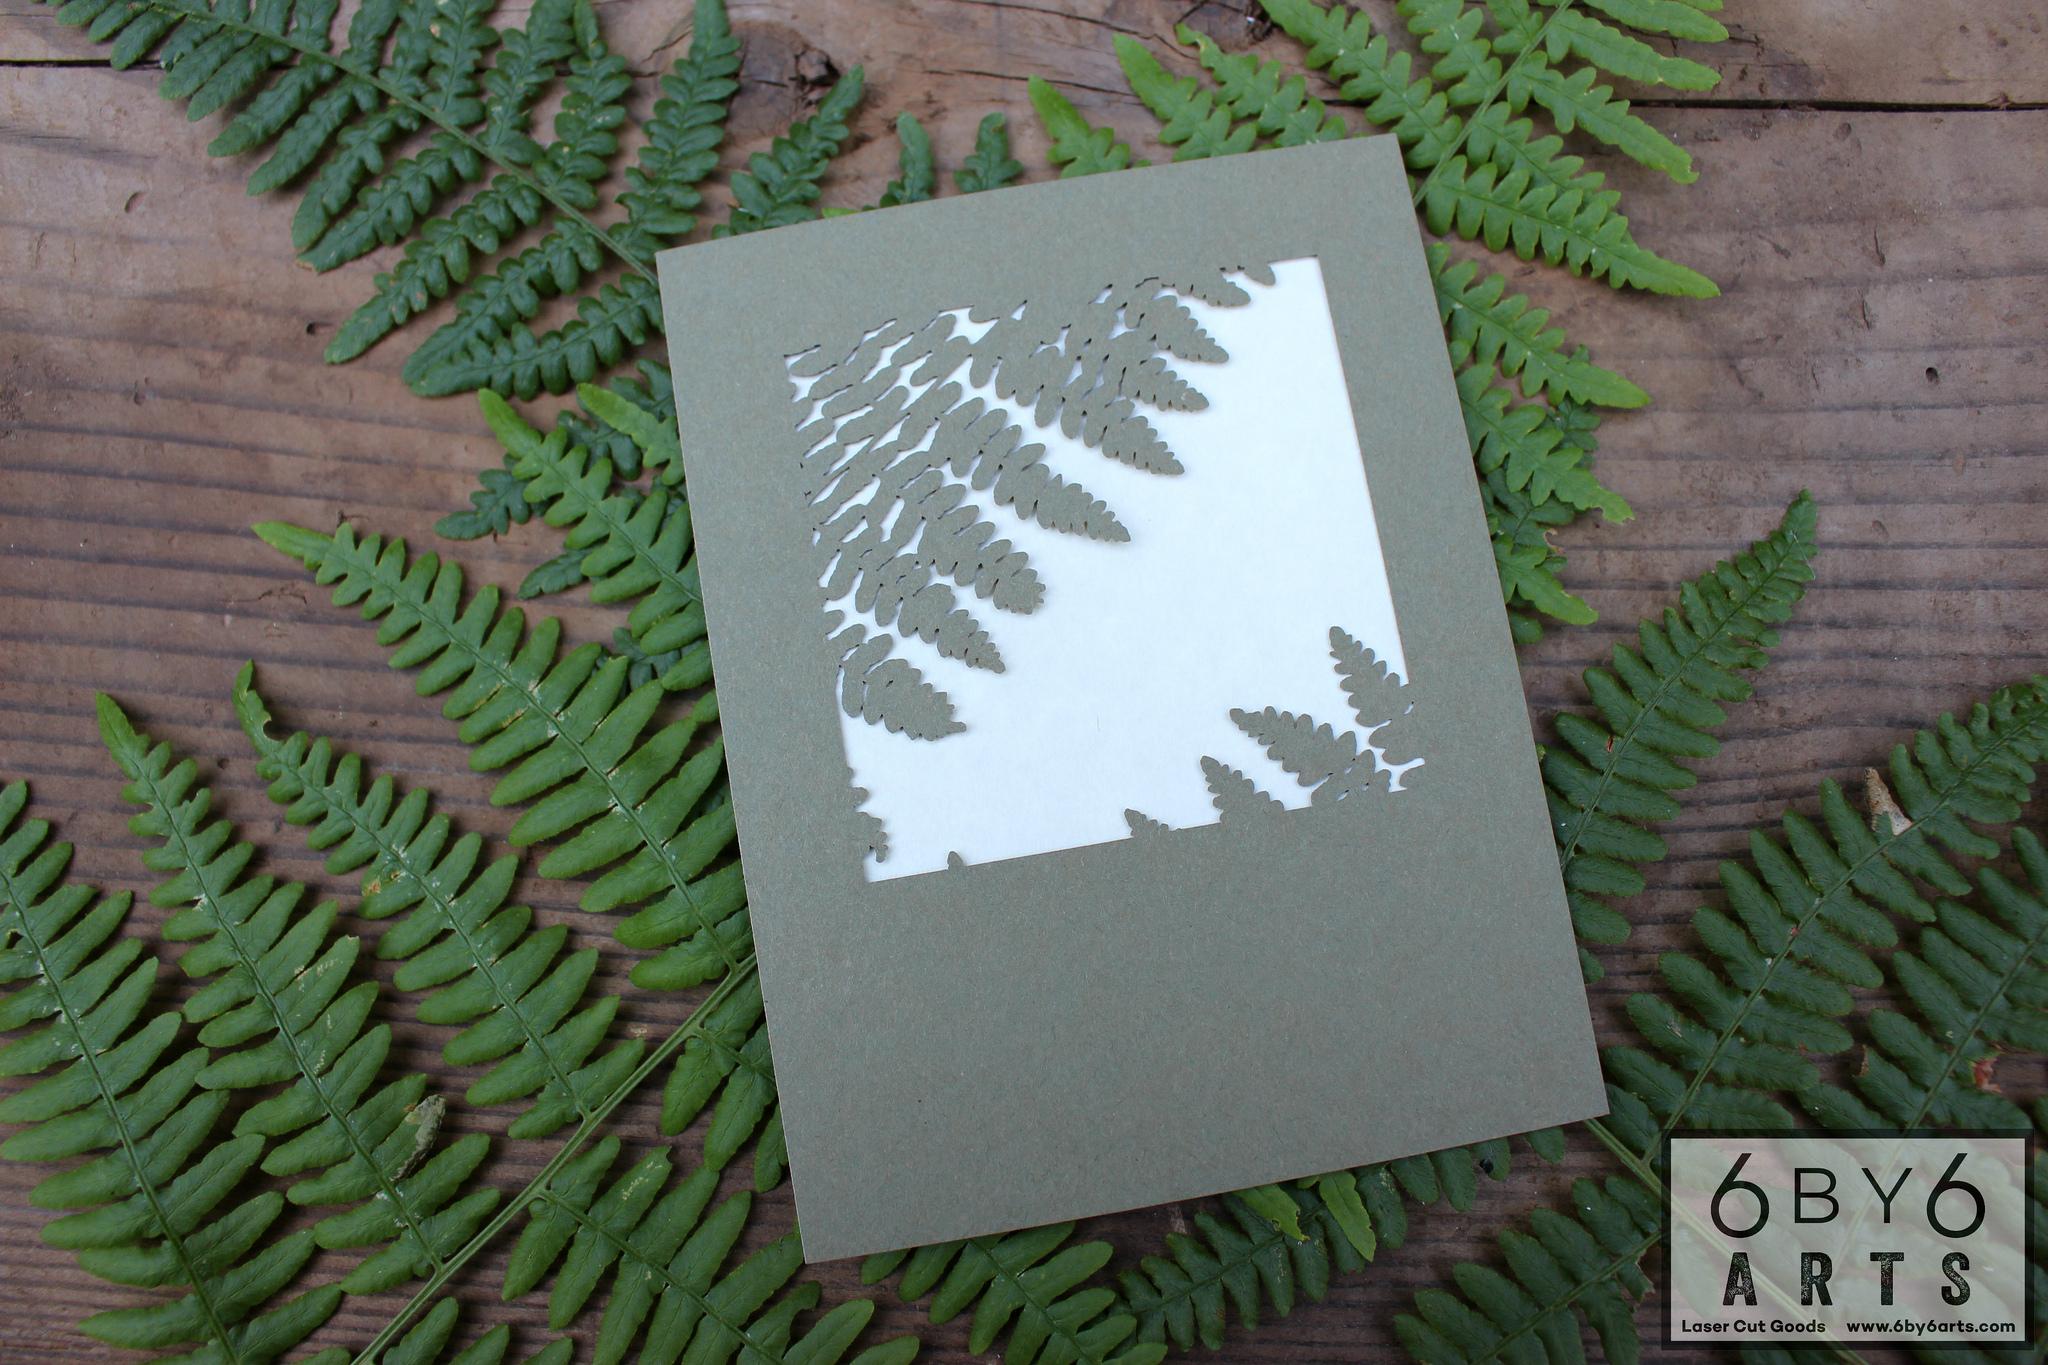 6 by 6 Arts - Lady Fern Cards